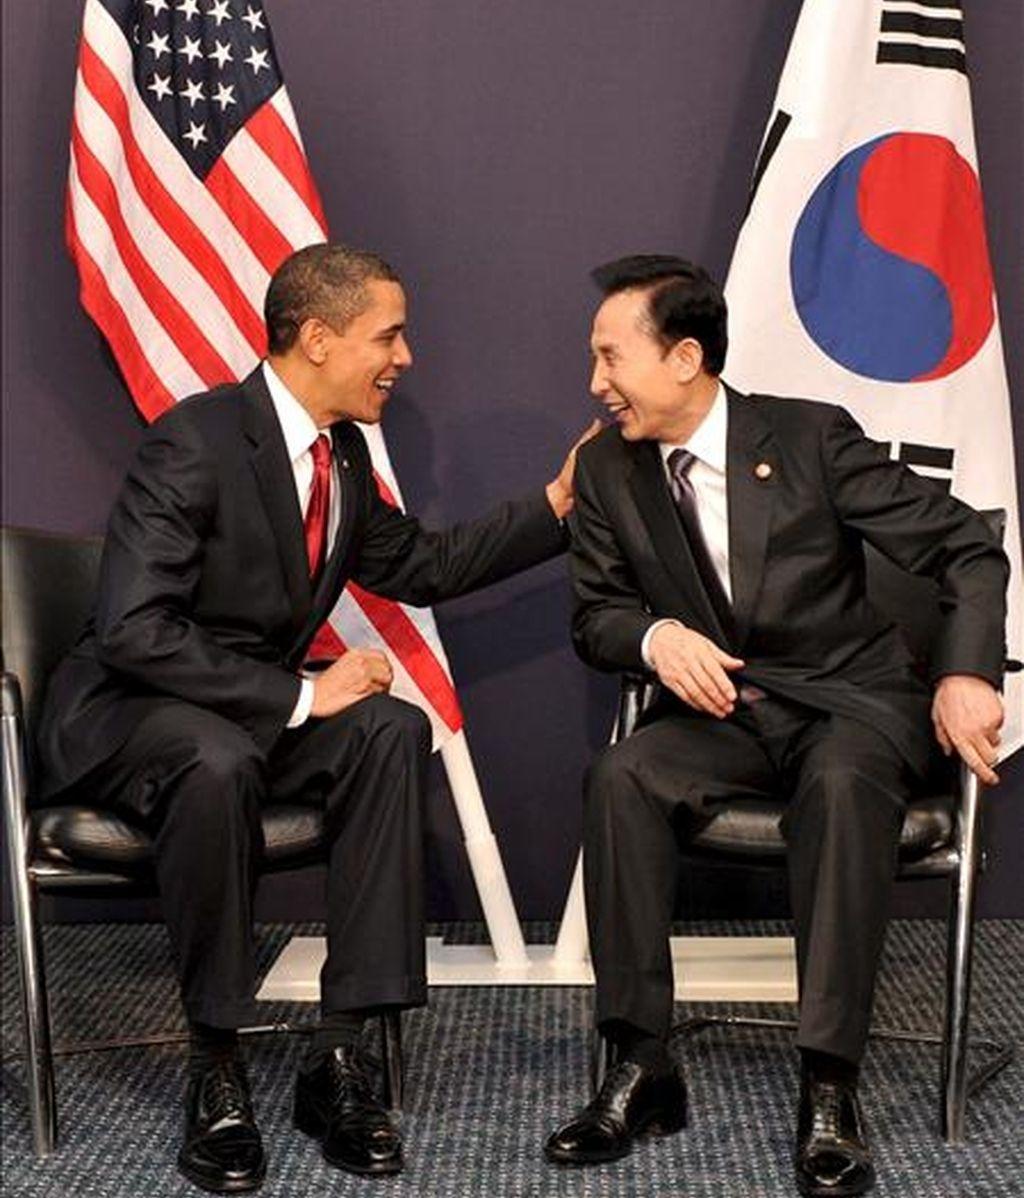 El presidente surcoreano, Lee Myung-bak (d) y su homólogo estadounidense, Barack Obama, conversan en una reunión en el marco de la cumbre del G20 en Londres. EFE